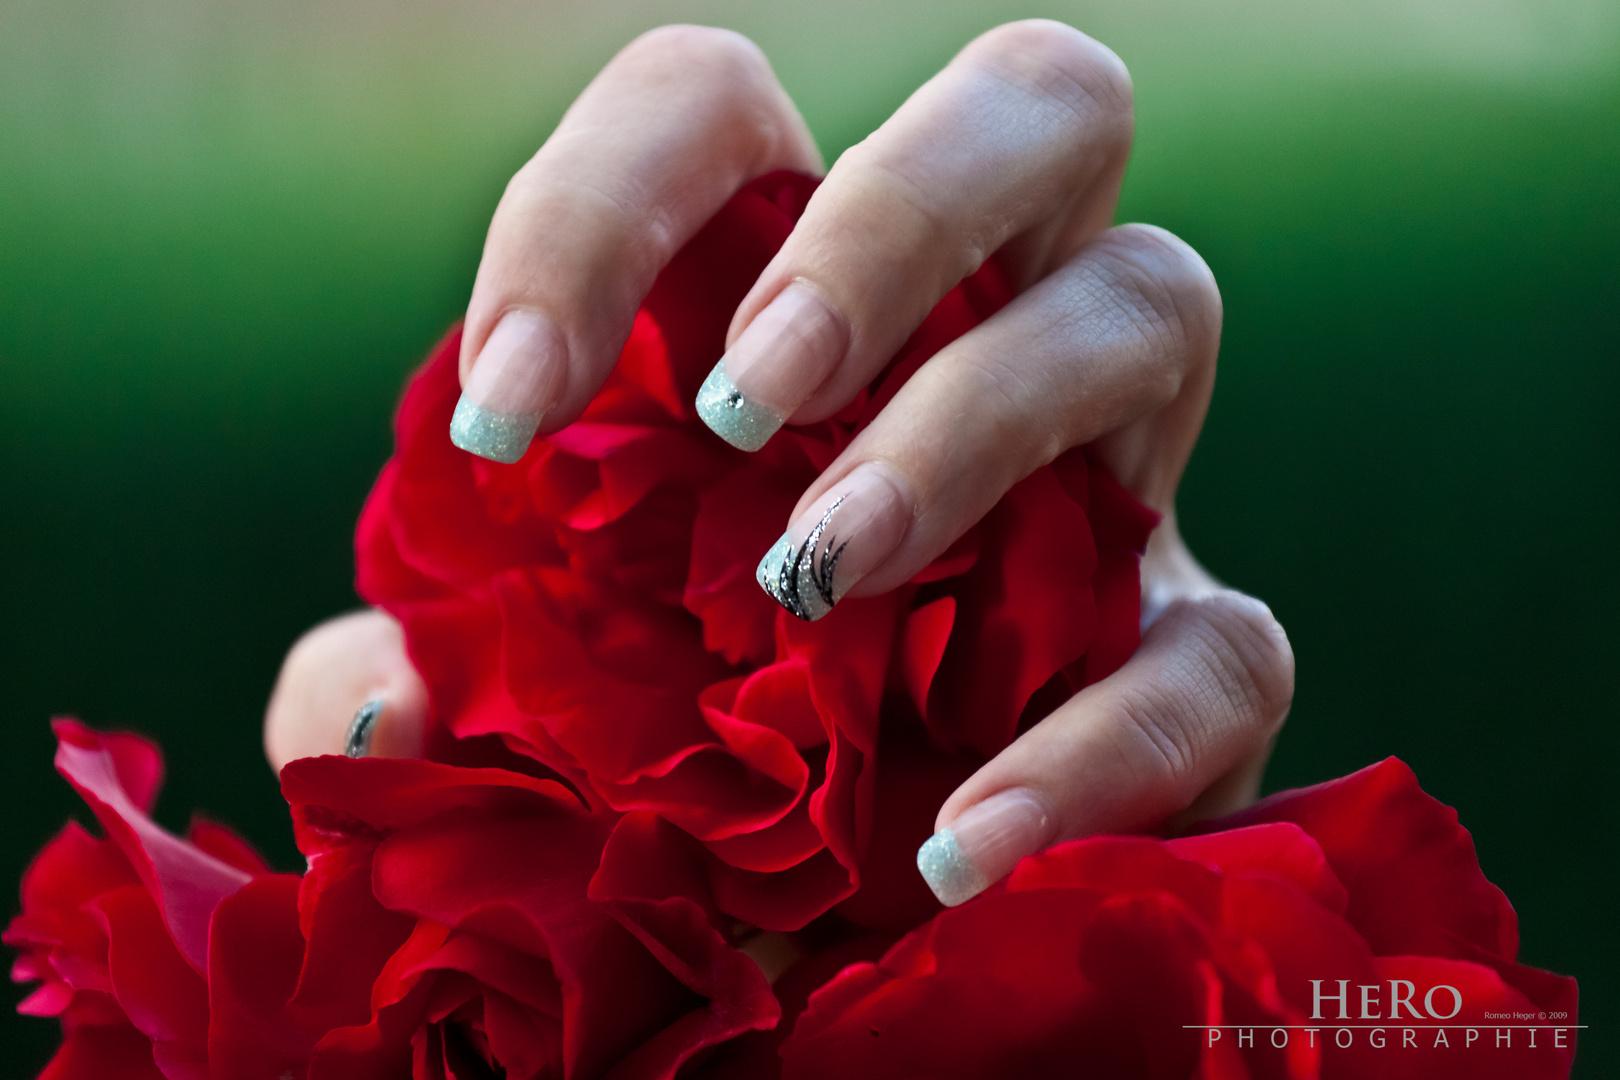 Evi's fingers